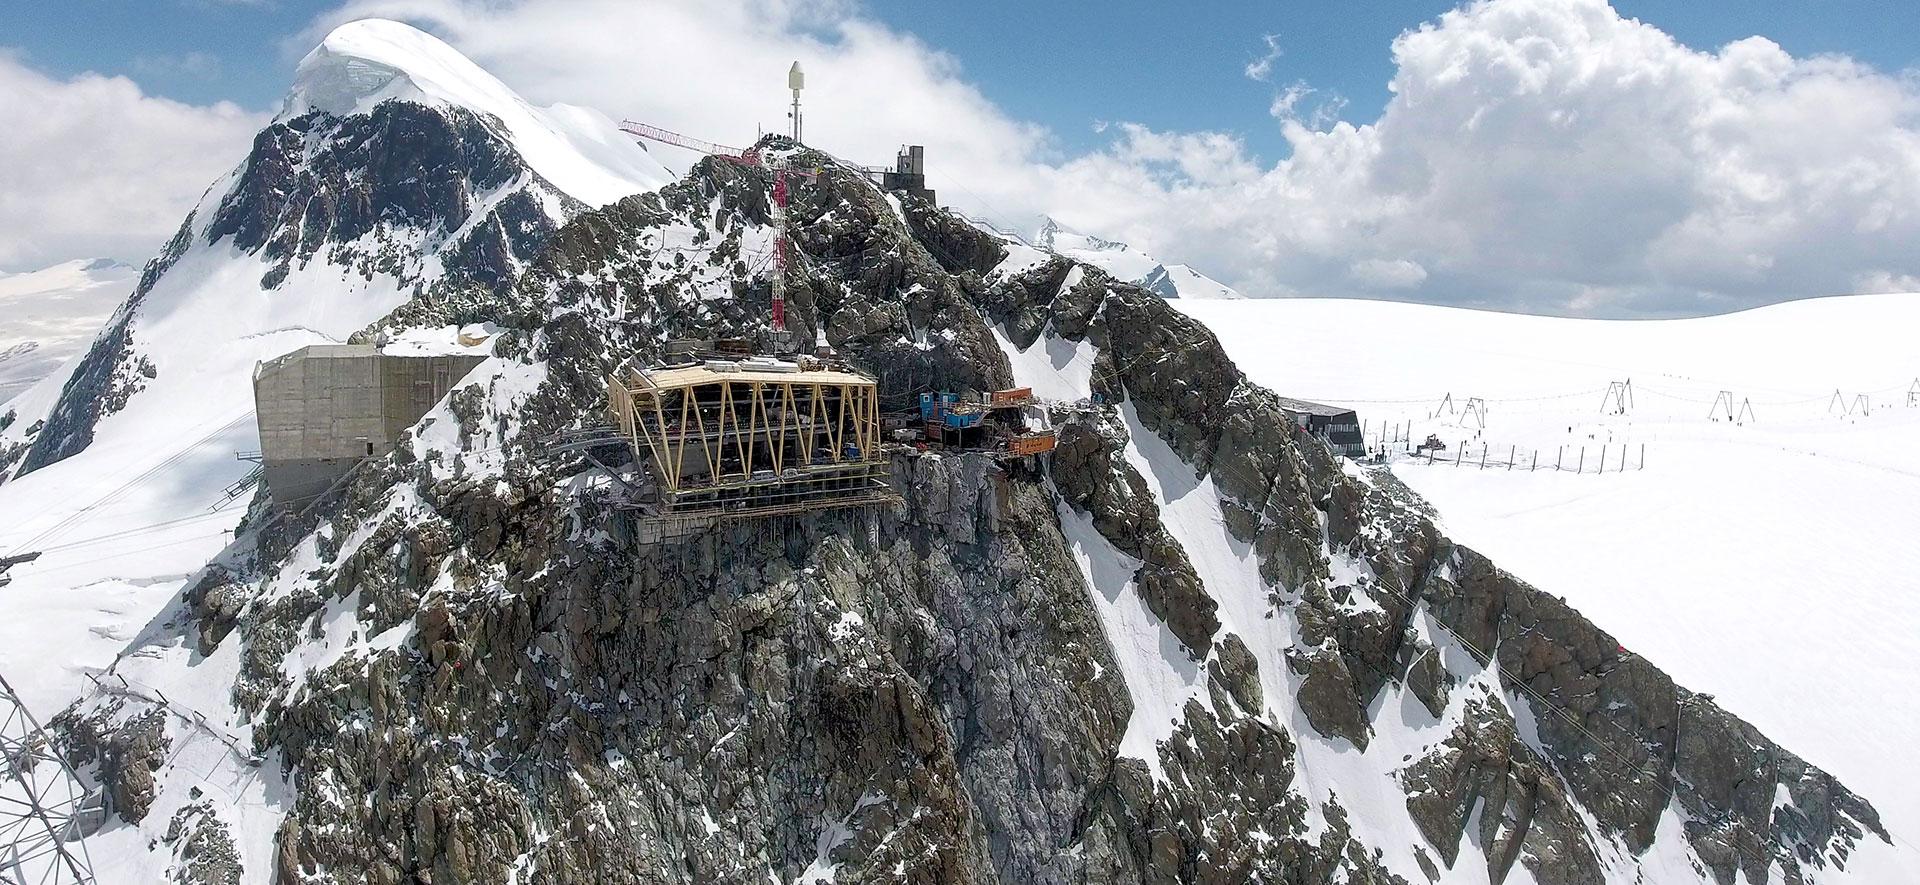 Infrastruktur im alpinen Raum